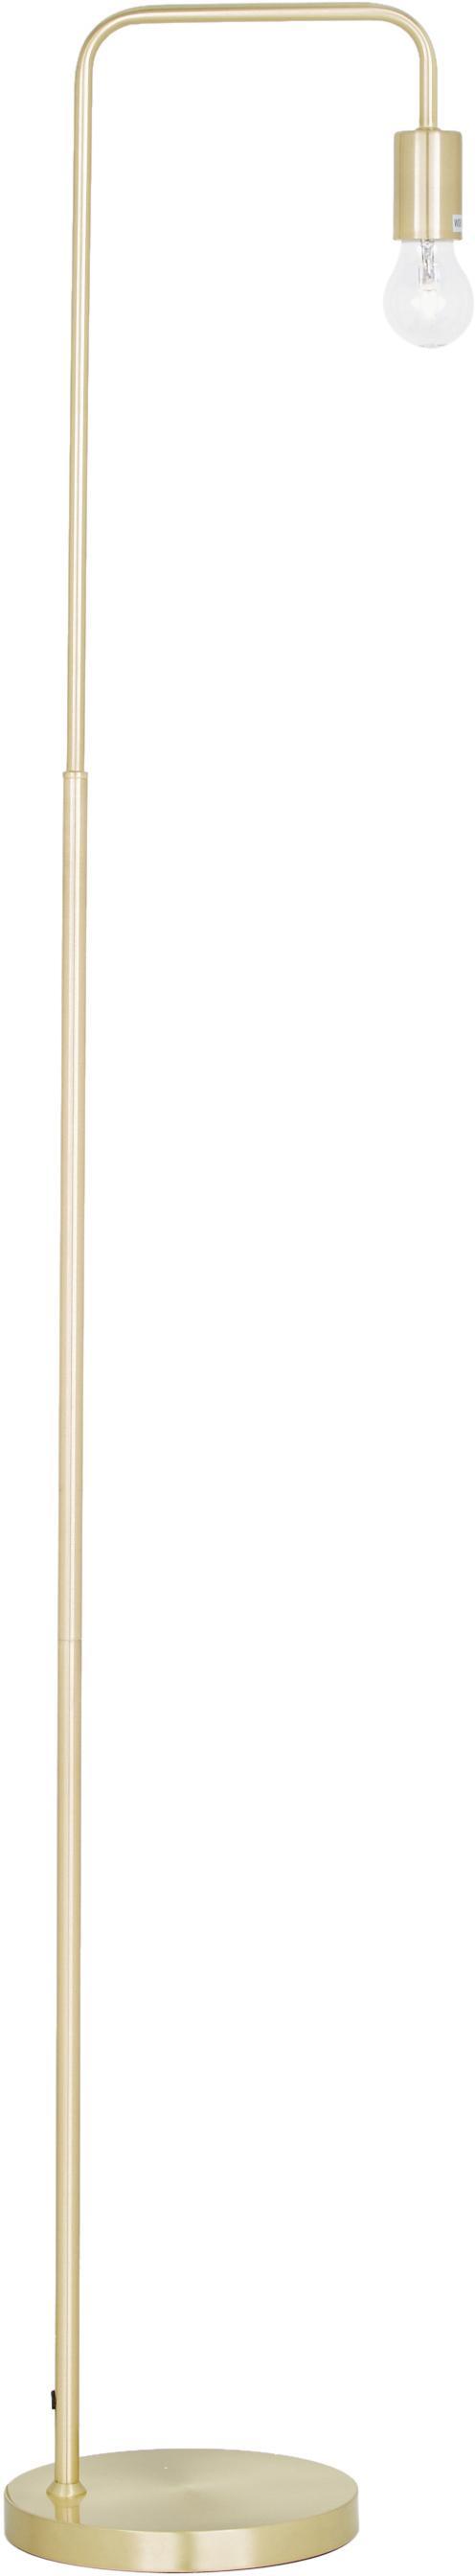 Lampa podłogowa Flow, Mosiądz, szczotkowany, S 33 x W 153 cm